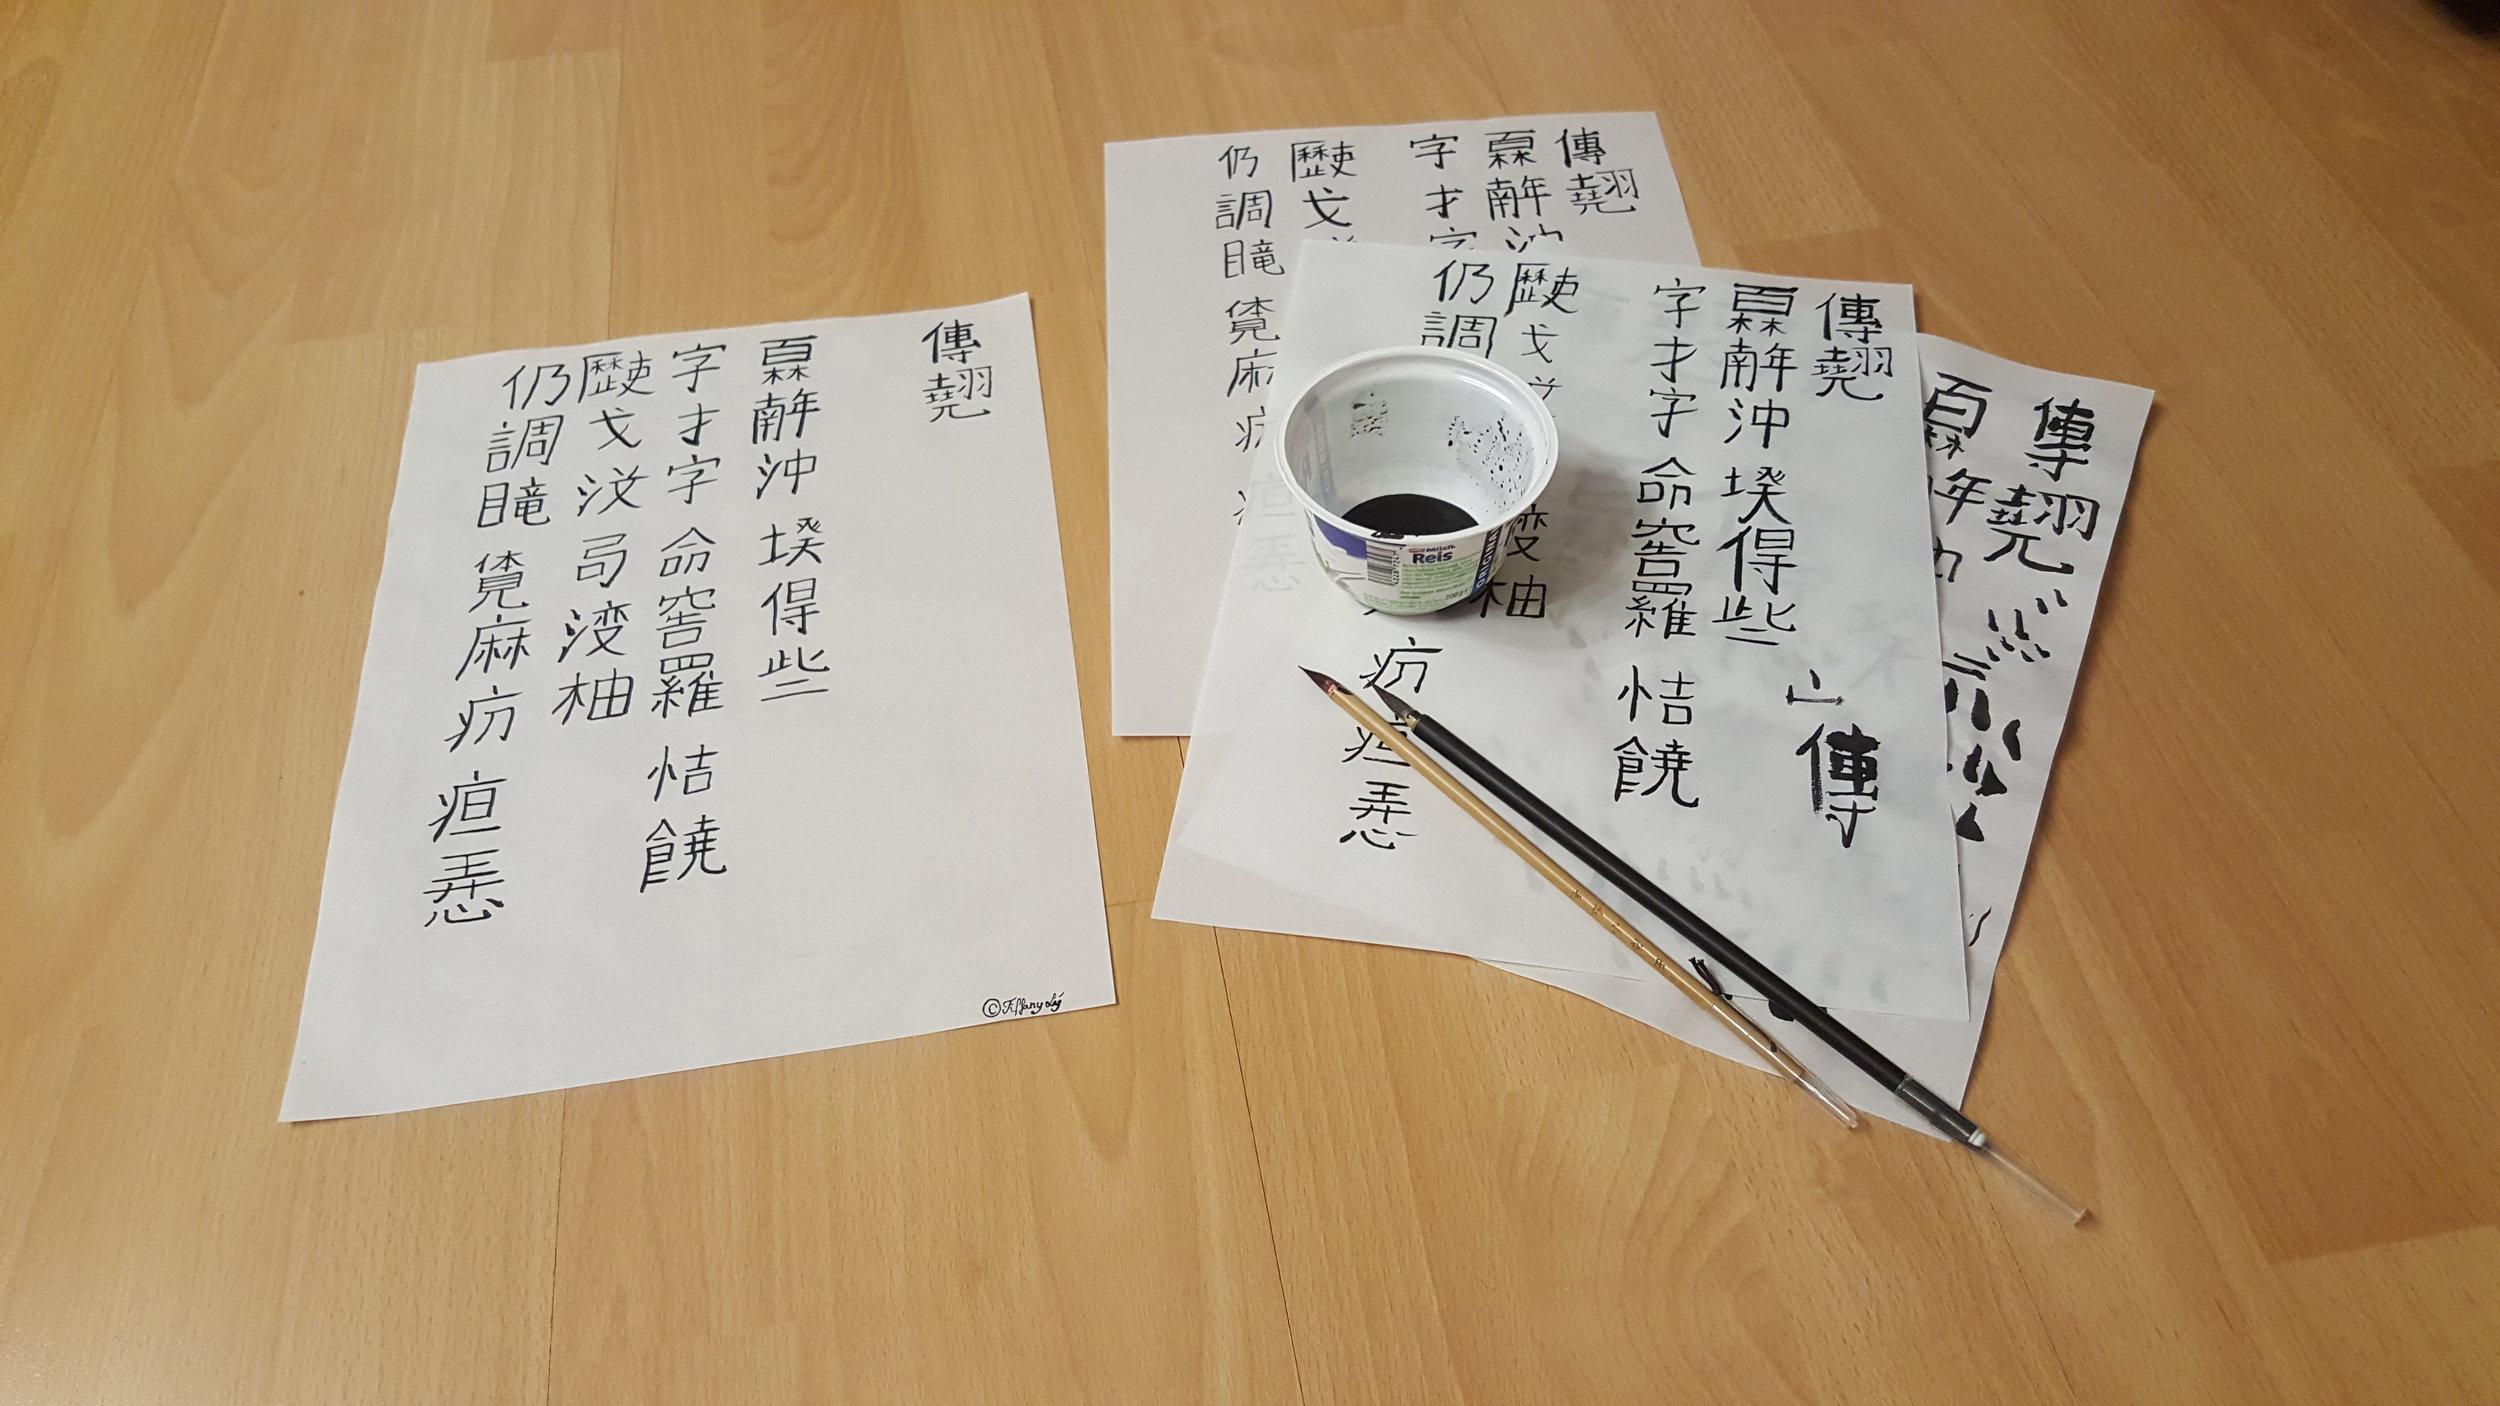 Tiffany Lý practicing writing chữ Nôm. (Photo: Loa/Tiffany Lý)